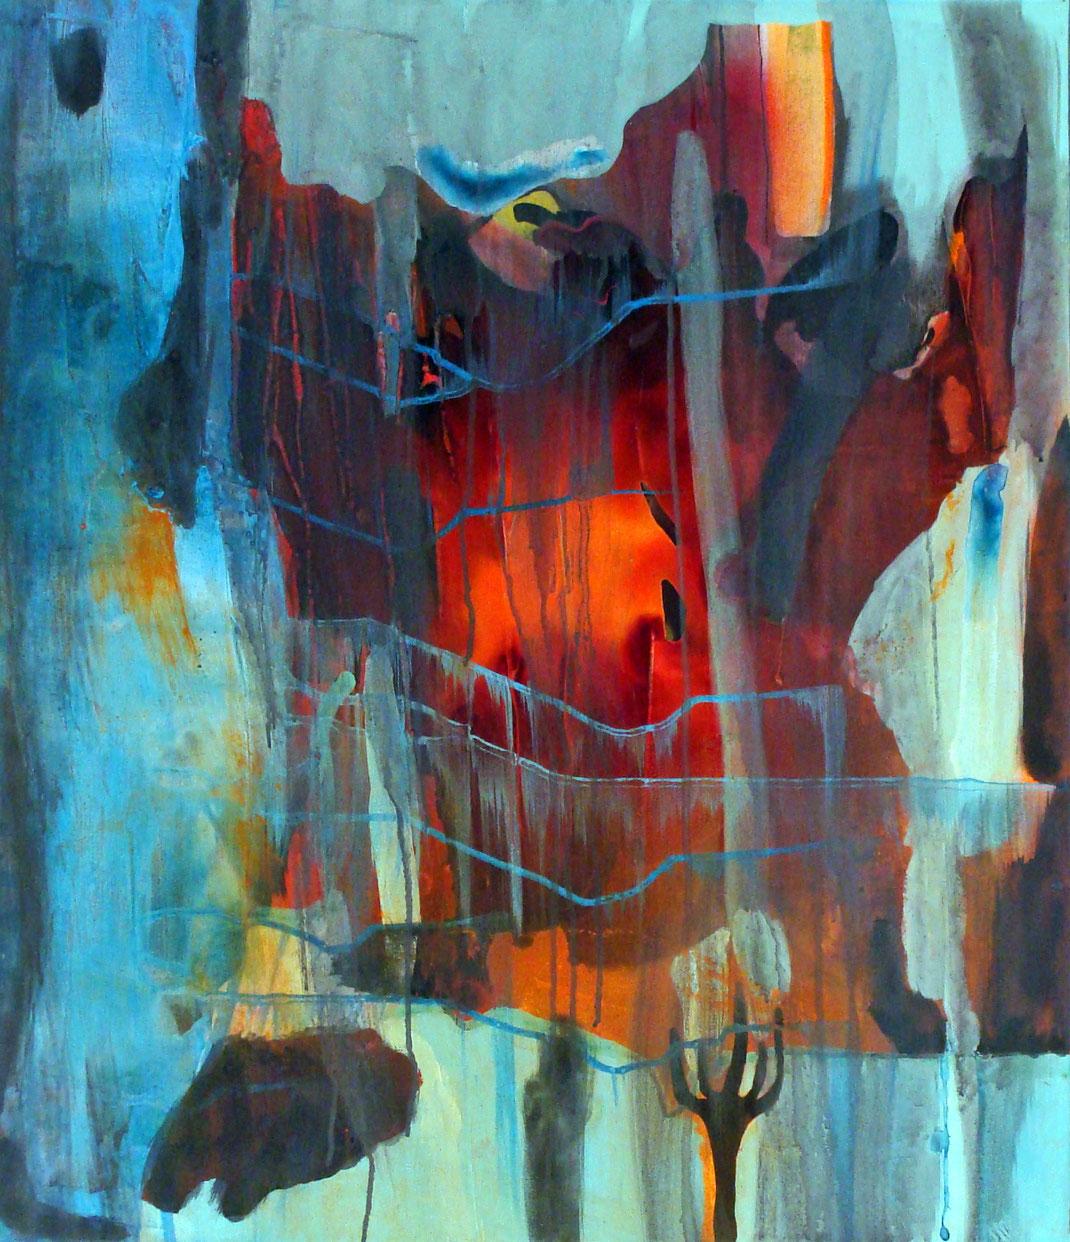 Feuer, Eis, orange, blau, türkis, hellblau, abstrakt, feurig, Elemente, Wüste, kräftig, lebendig, Bildverkauf, Kunstsammler, Kunstsammlung, Kunst, Malerei, Künstlerin, Hamburg, Atelier, Galerie, Museum, Acryl, Zeichentusche, abstrakt, gegenstandslos